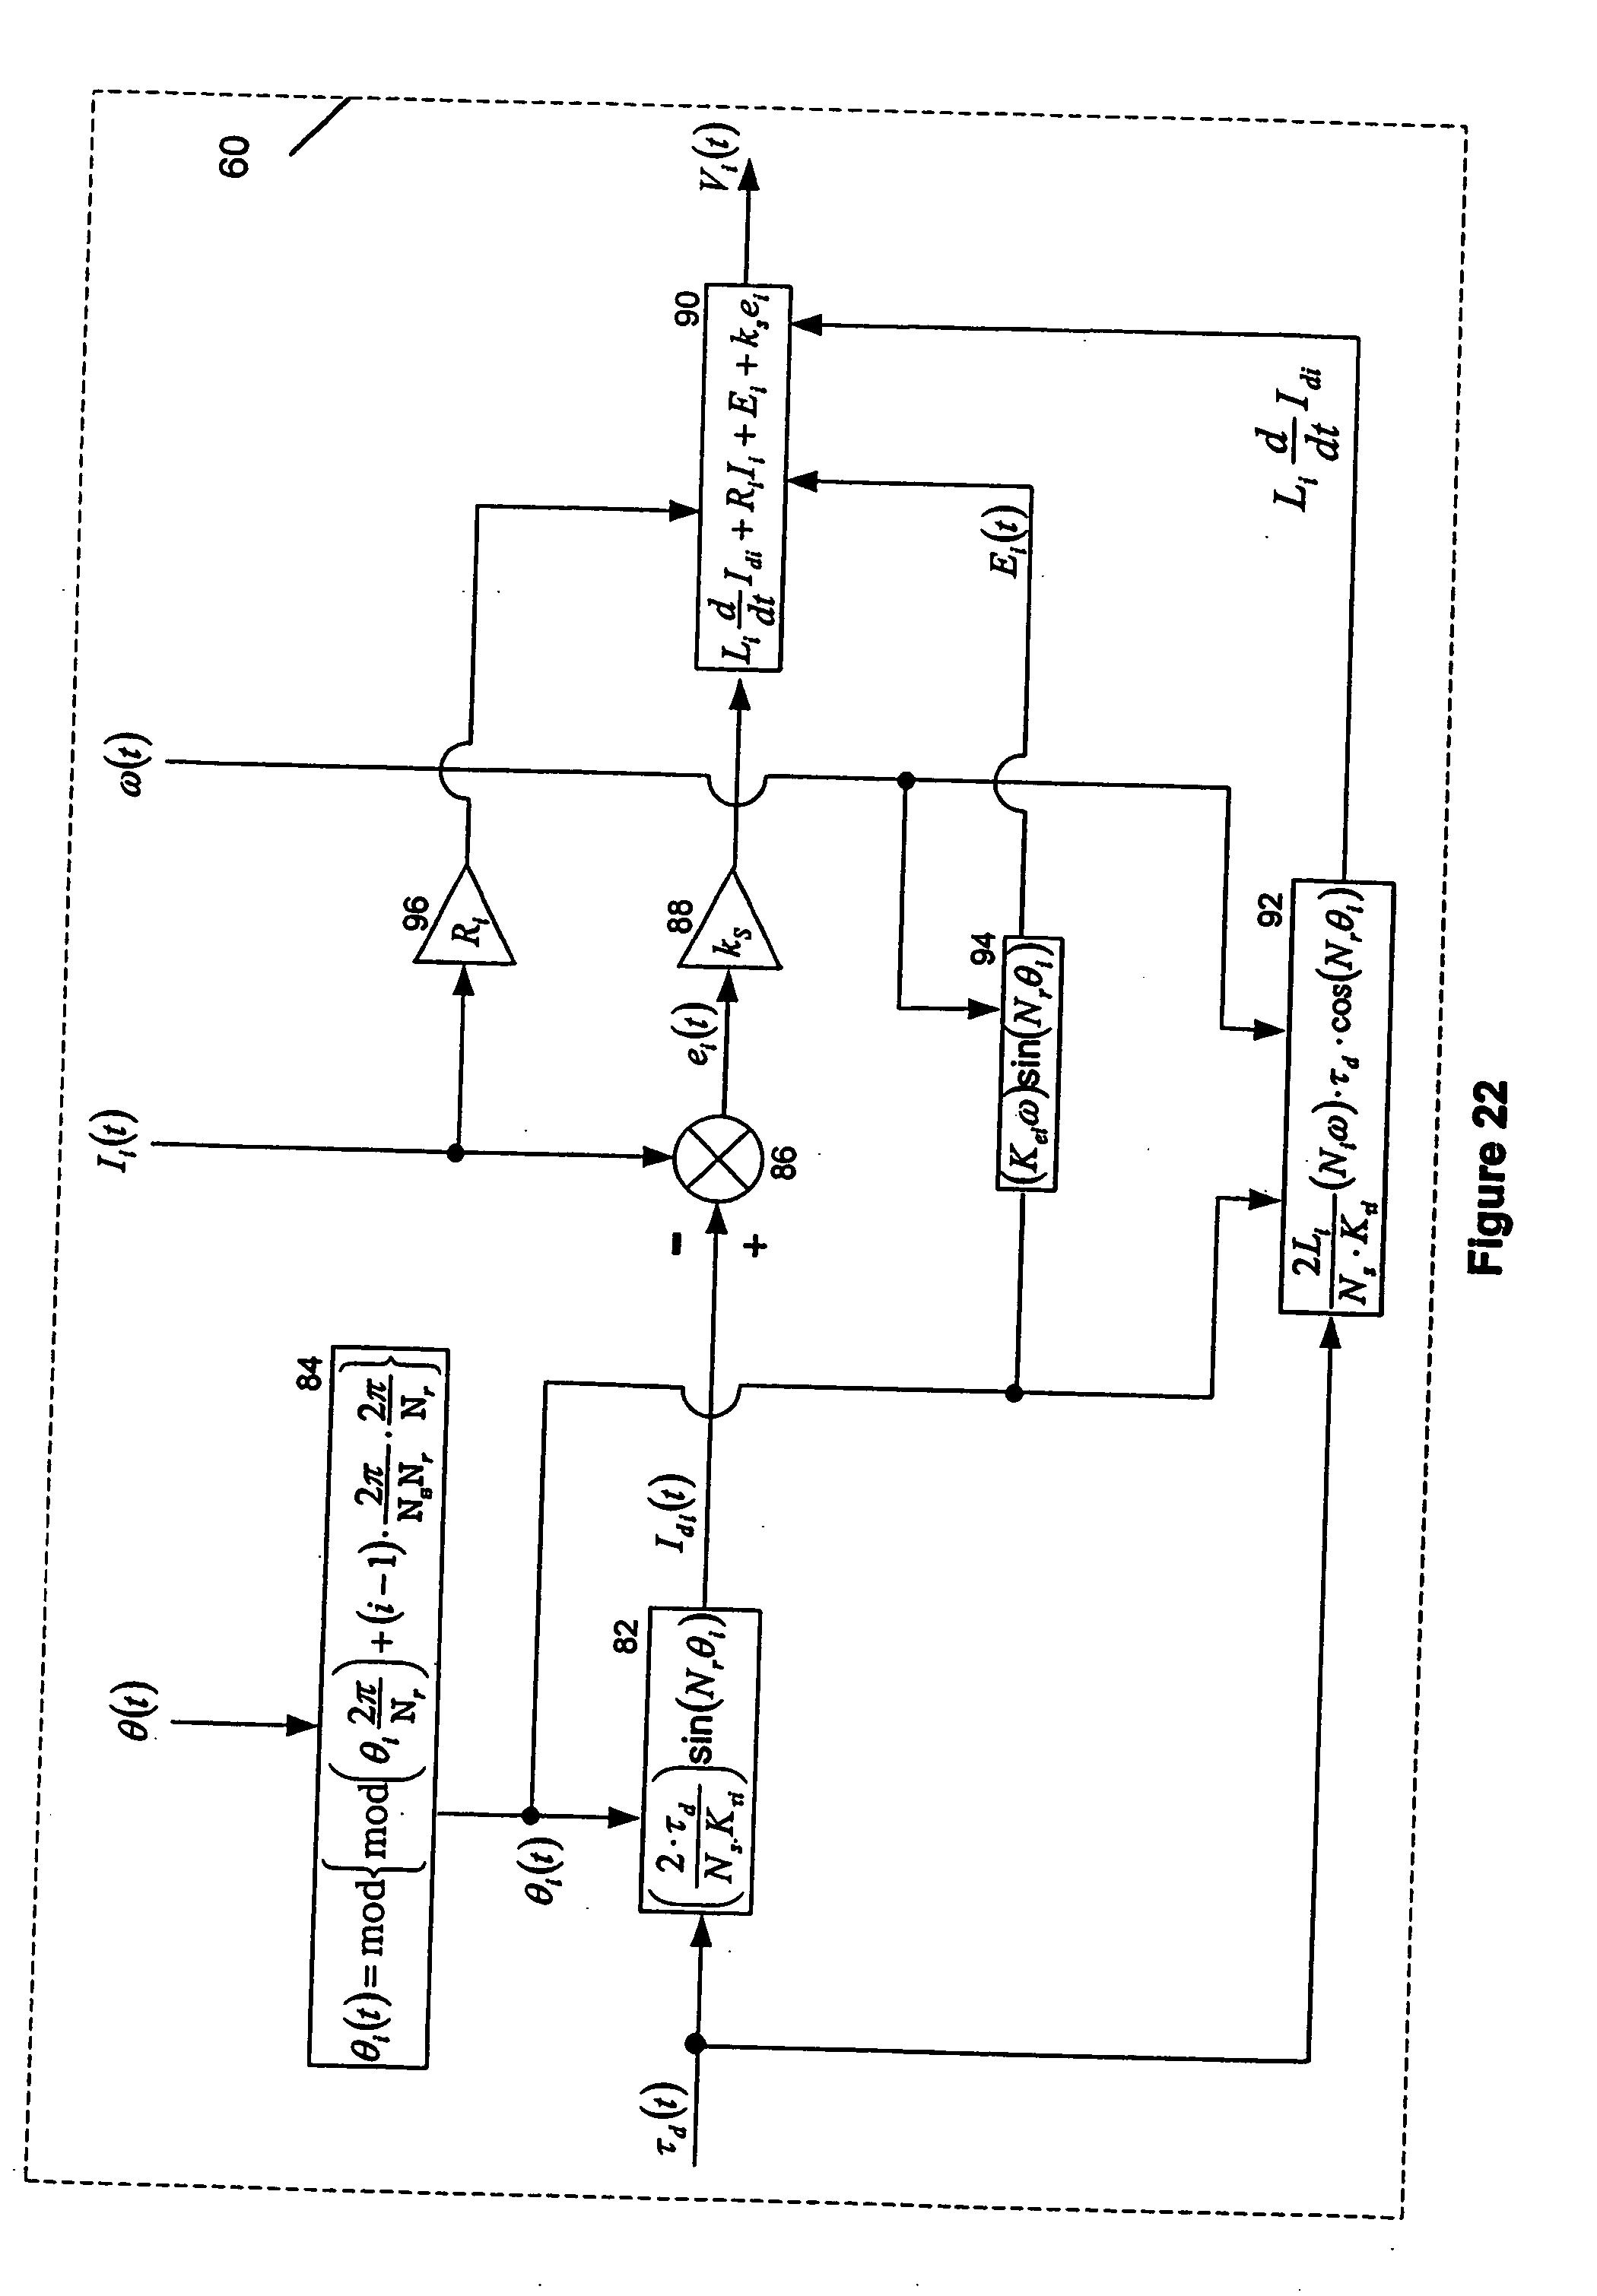 3 Phase Generator Stator Wiring Diagram | Wiring Liry on